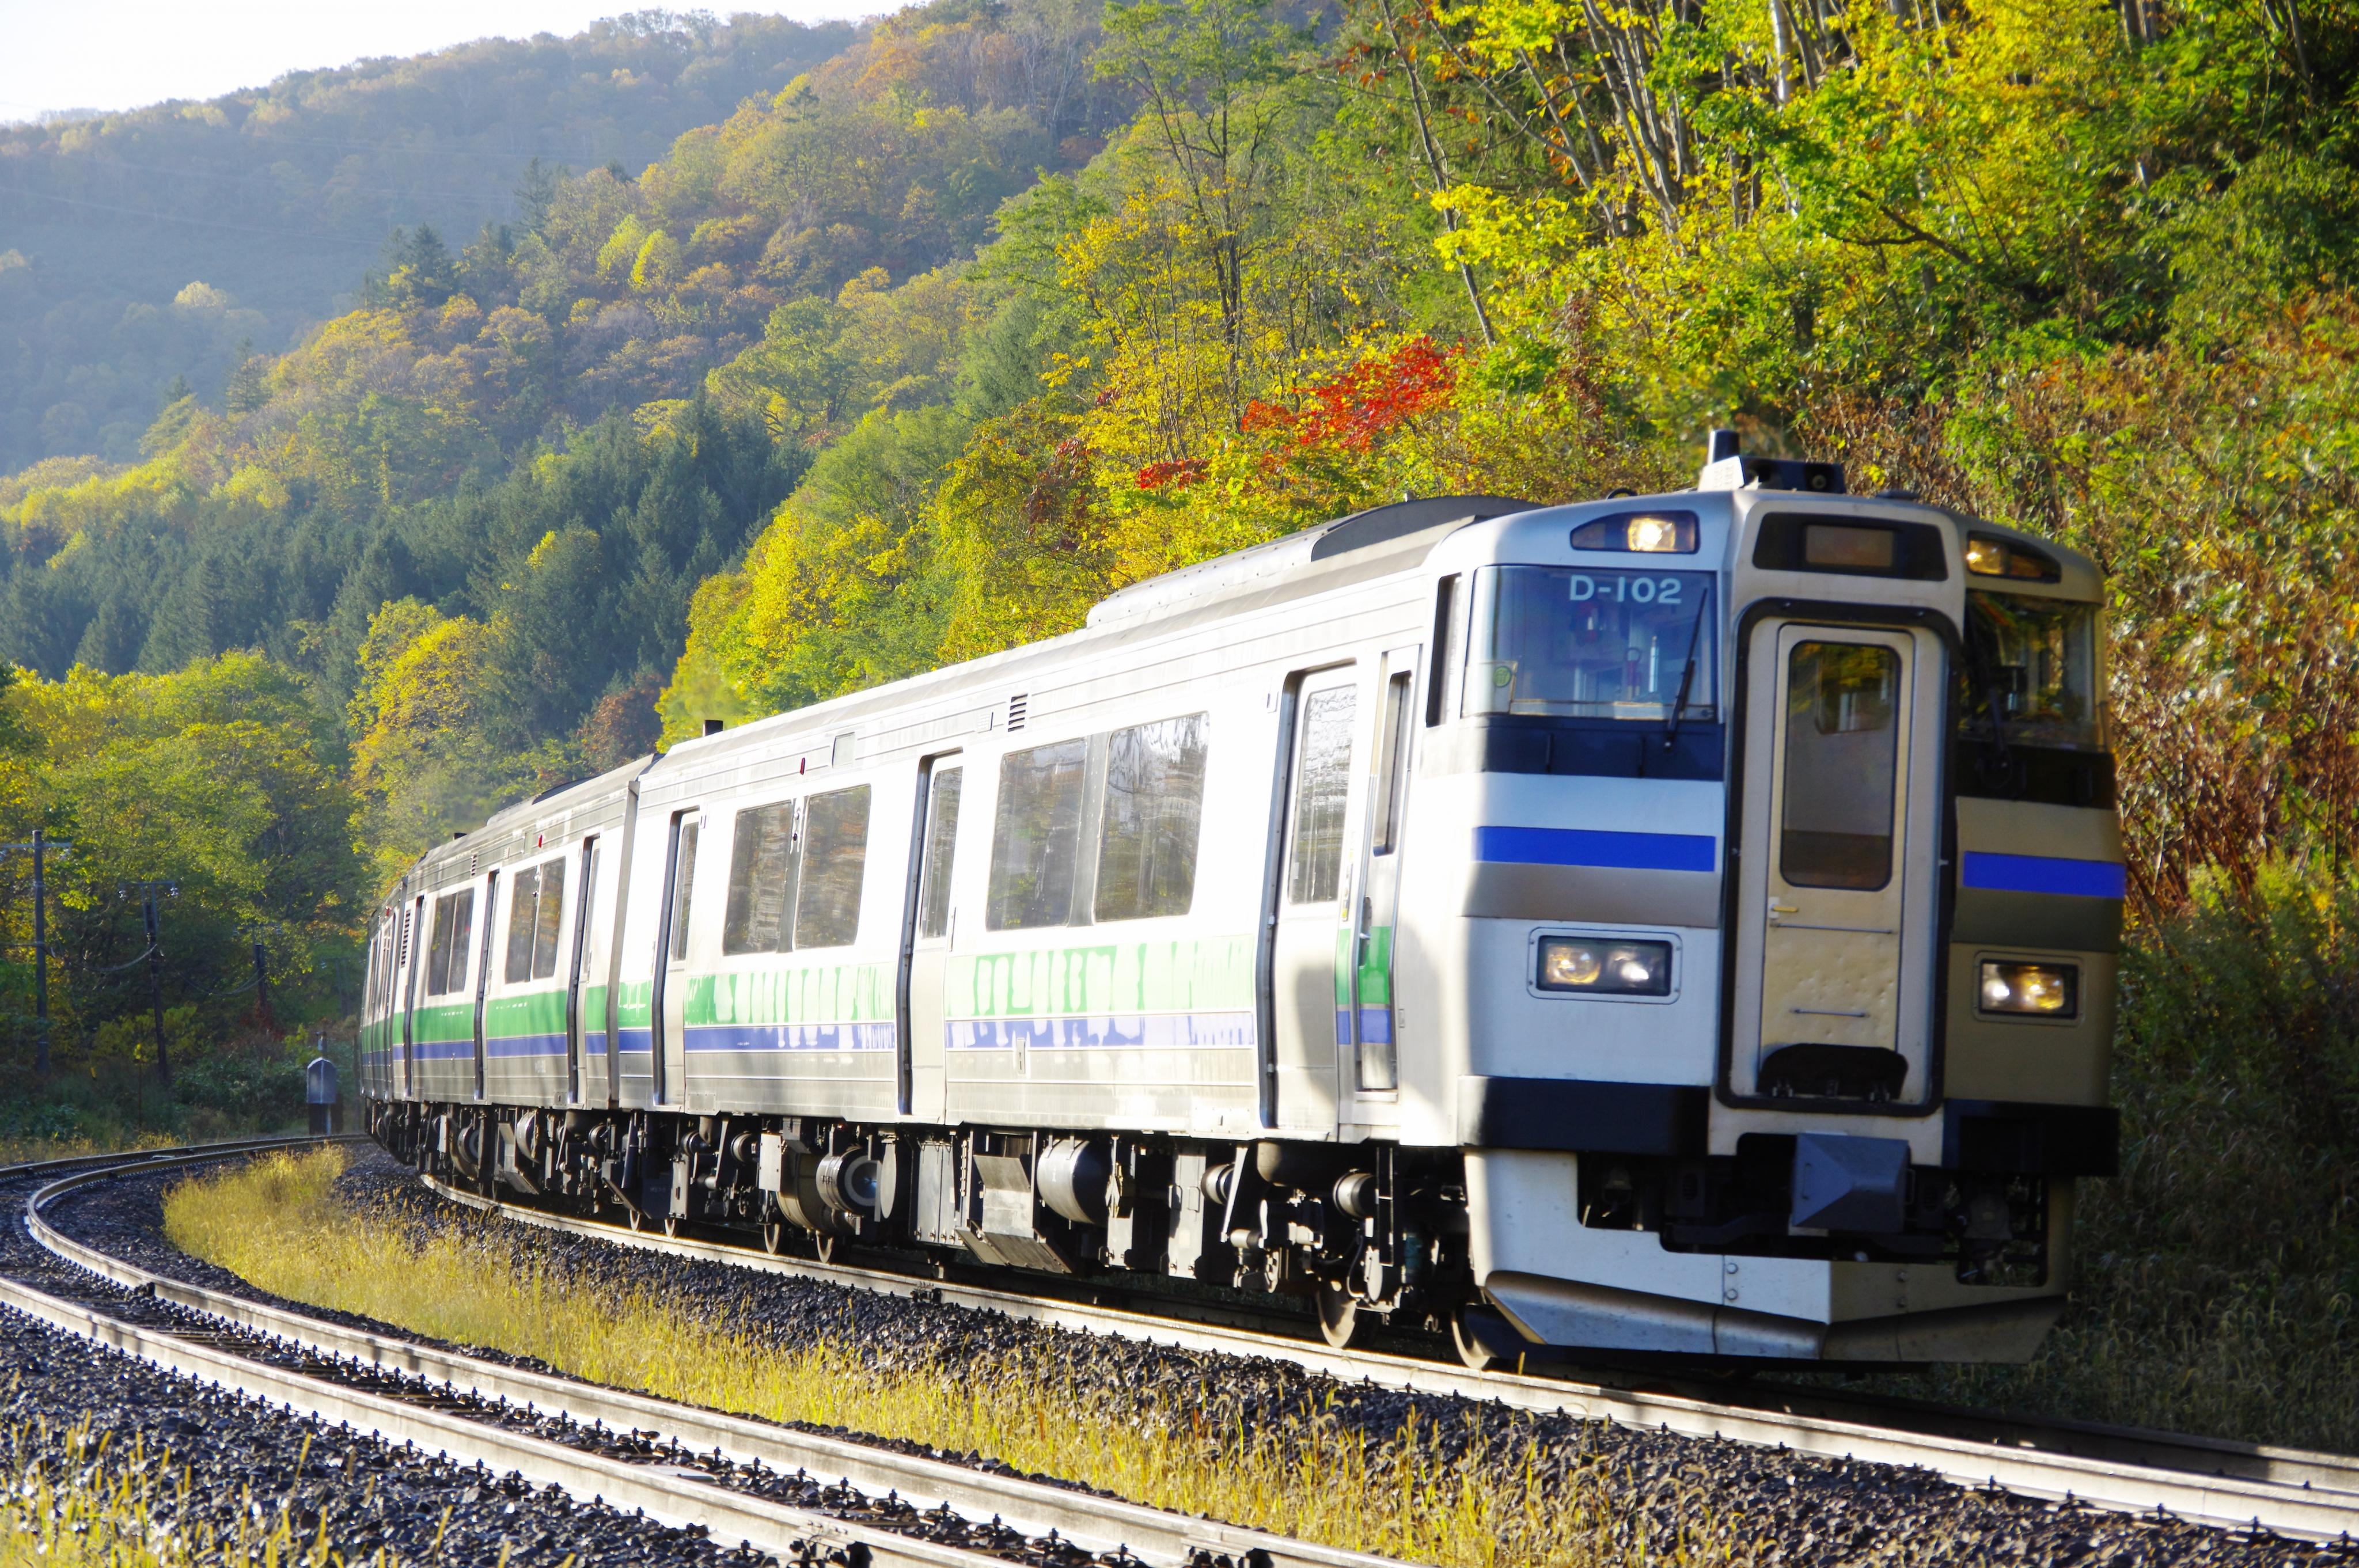 キハ201系 3925D 快速ニセコライナー アップ 銀山駅 181021.jpg